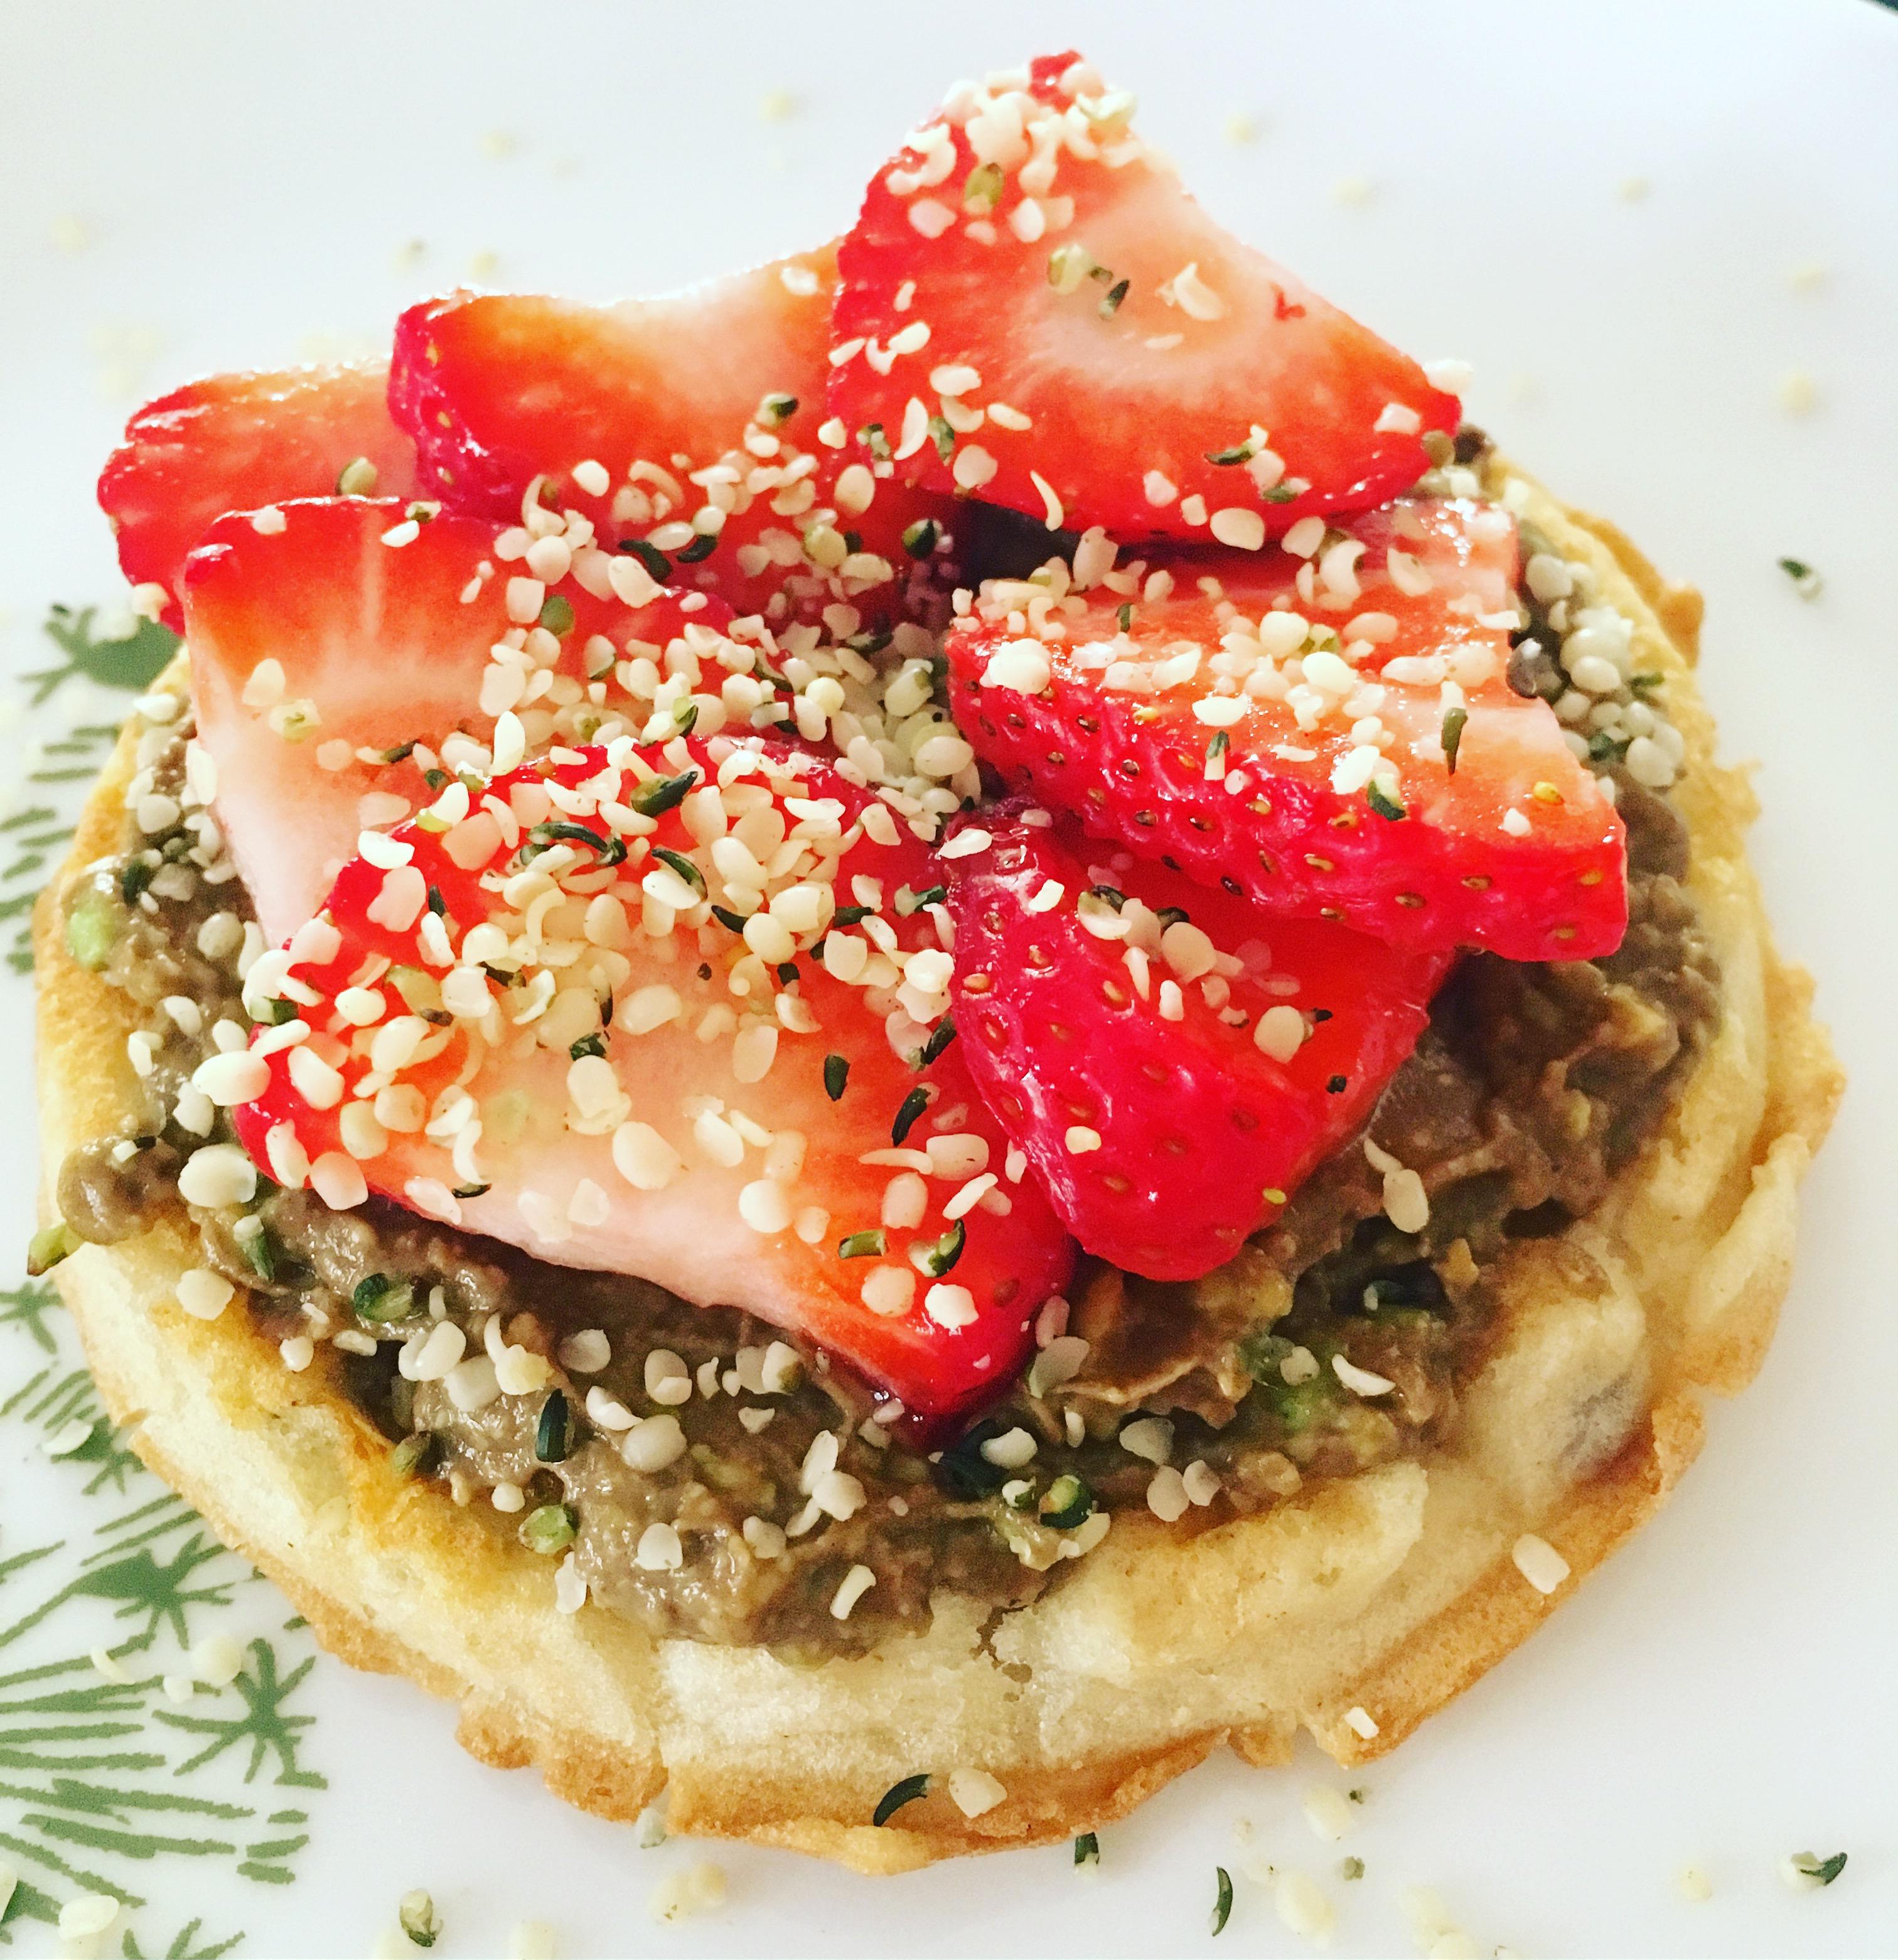 Choco-cado Waffle